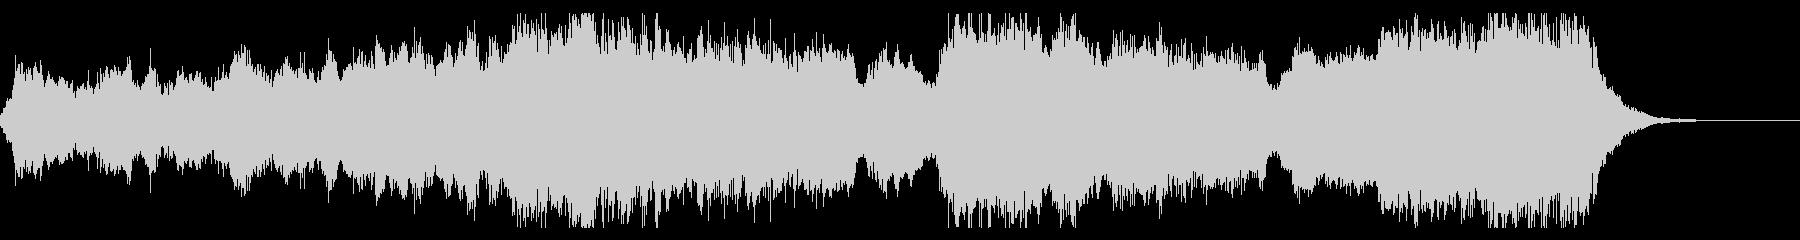 TVでも使われるクラシック キエフ Mの未再生の波形